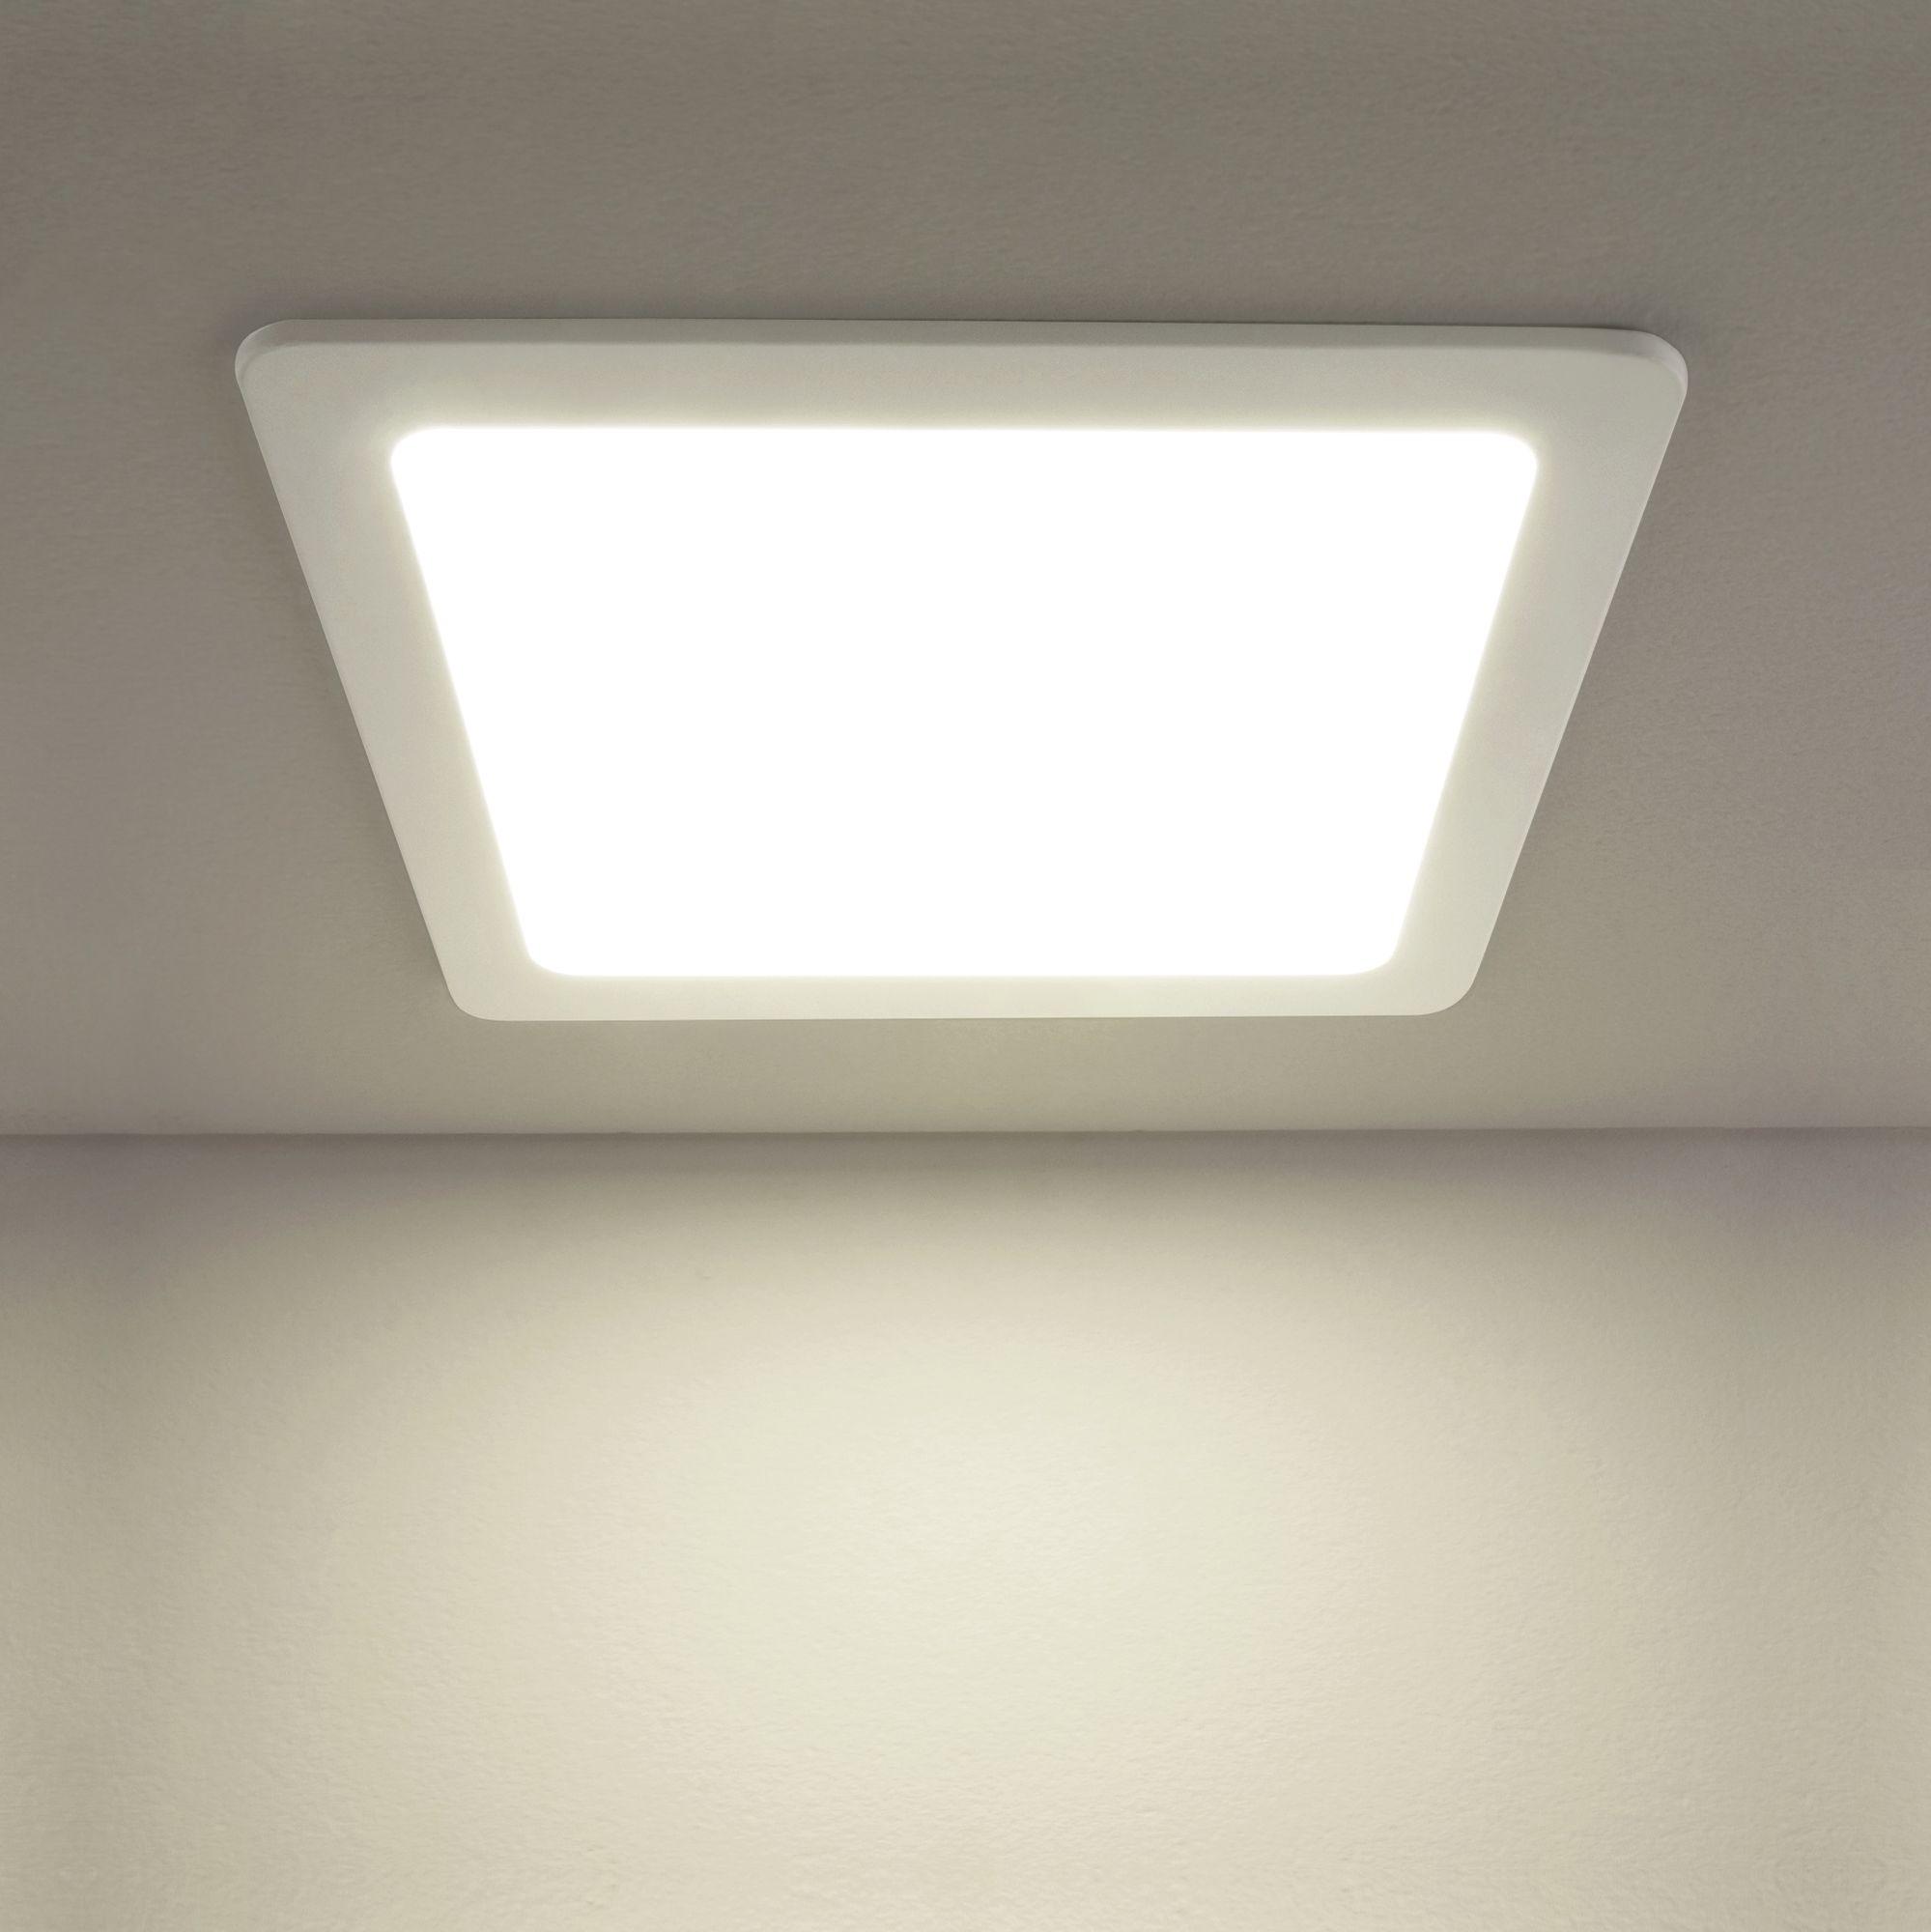 Встраиваемый светодиодный светильник DLS003 24W 4200K